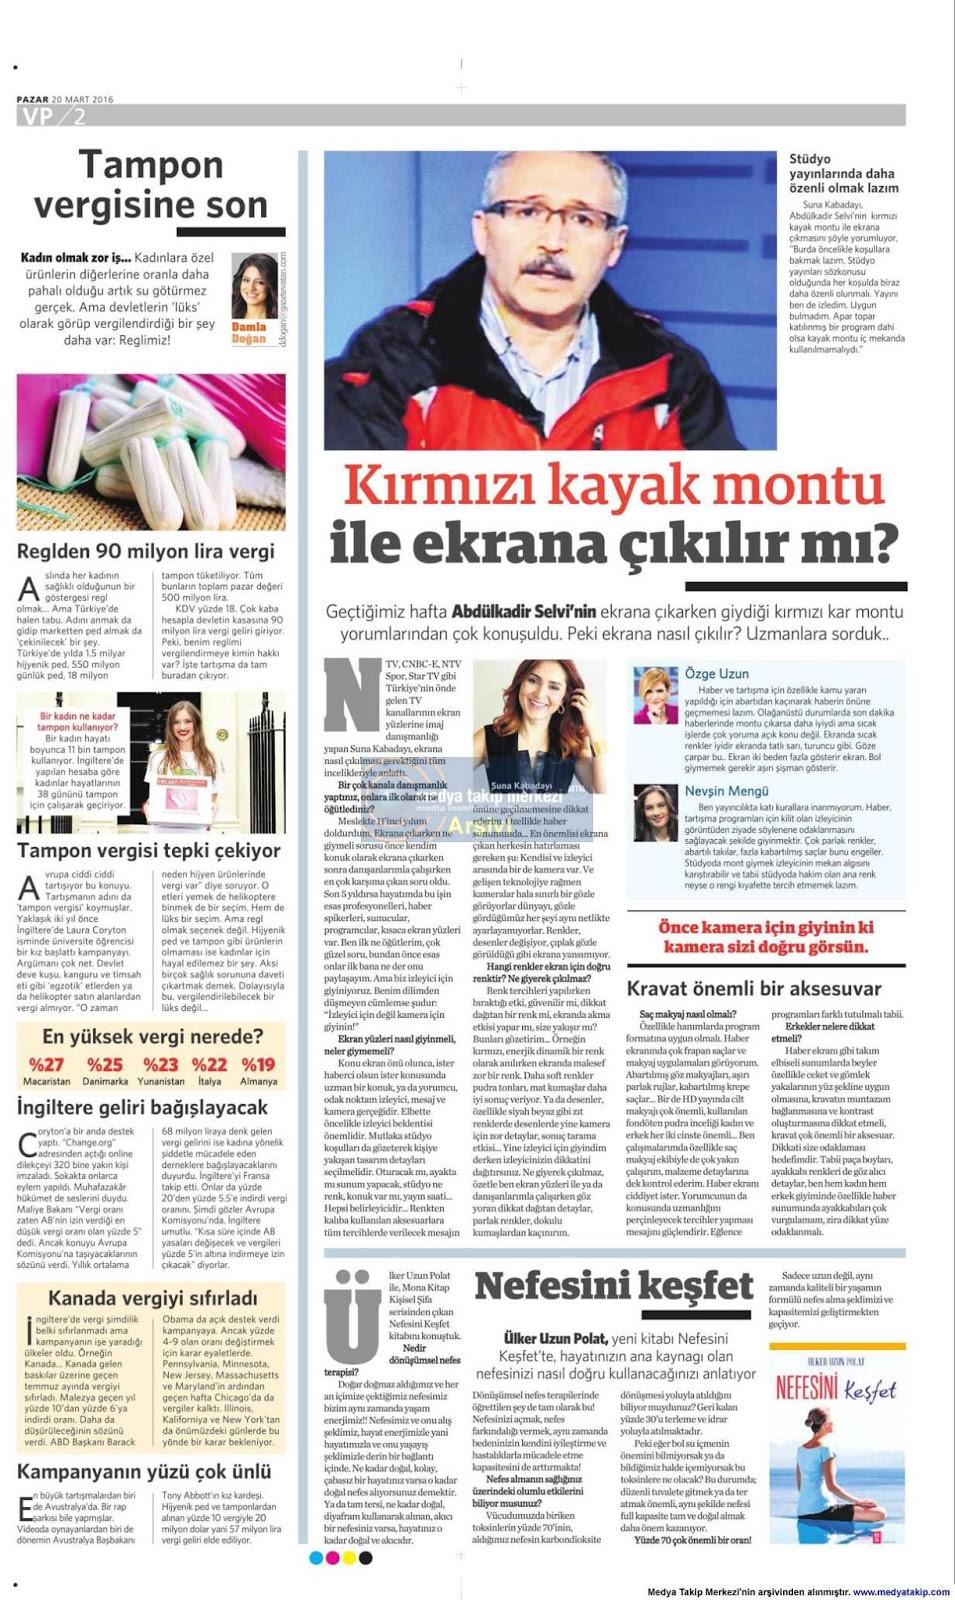 Stolichnaya Fuarı (Zelenograd) gazetesi size yeni fırsatlar sunmaktan memnuniyet duyuyor 60